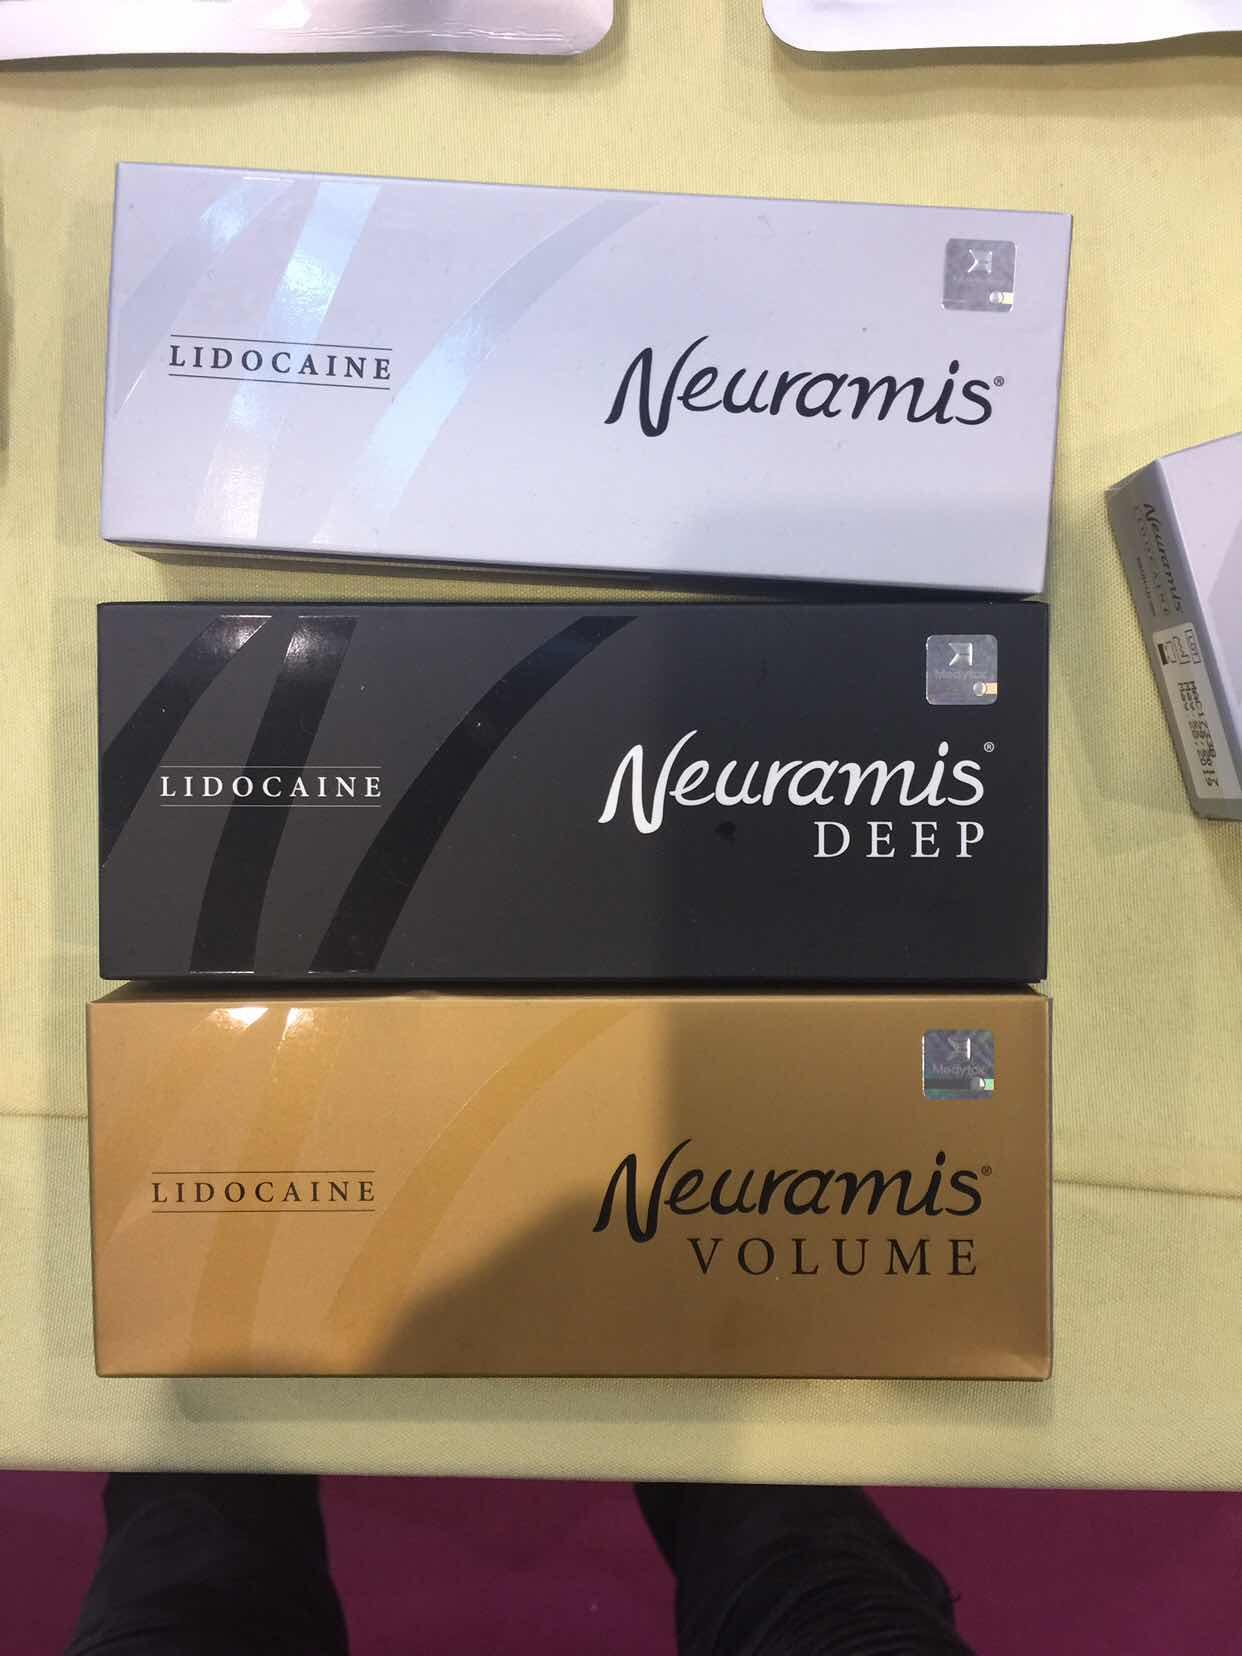 2018Top Sale Hyaluronic Acid Neuramis Dermal Filler_BIG SALE